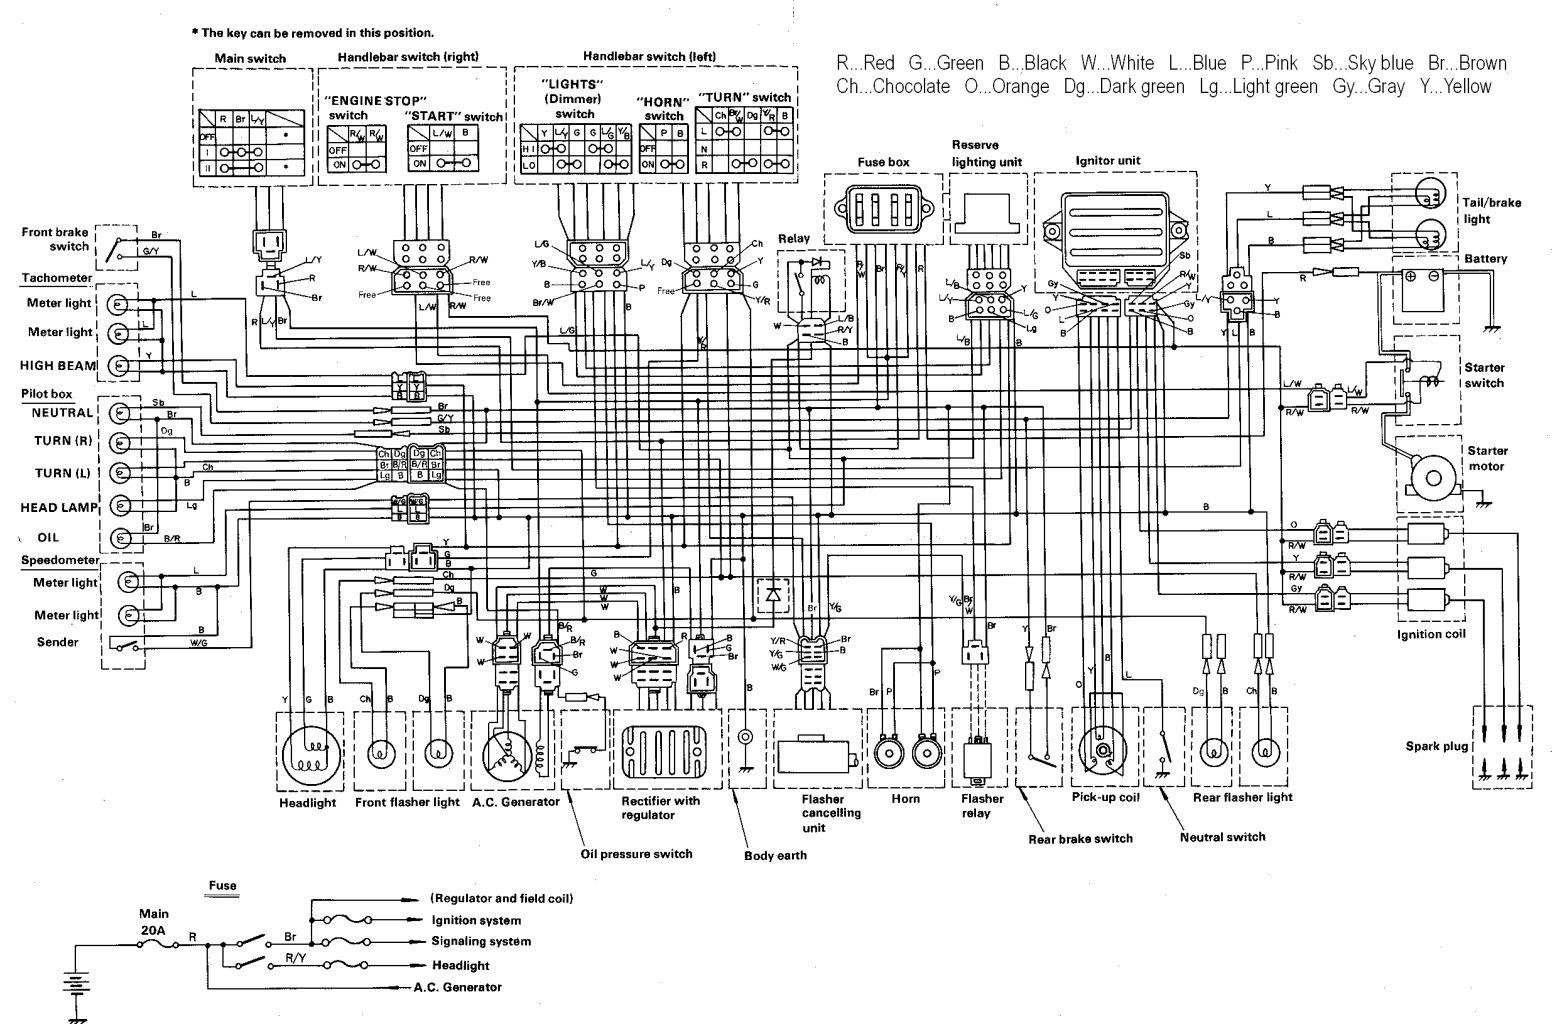 Yamaha 1600 Wiring Diagram